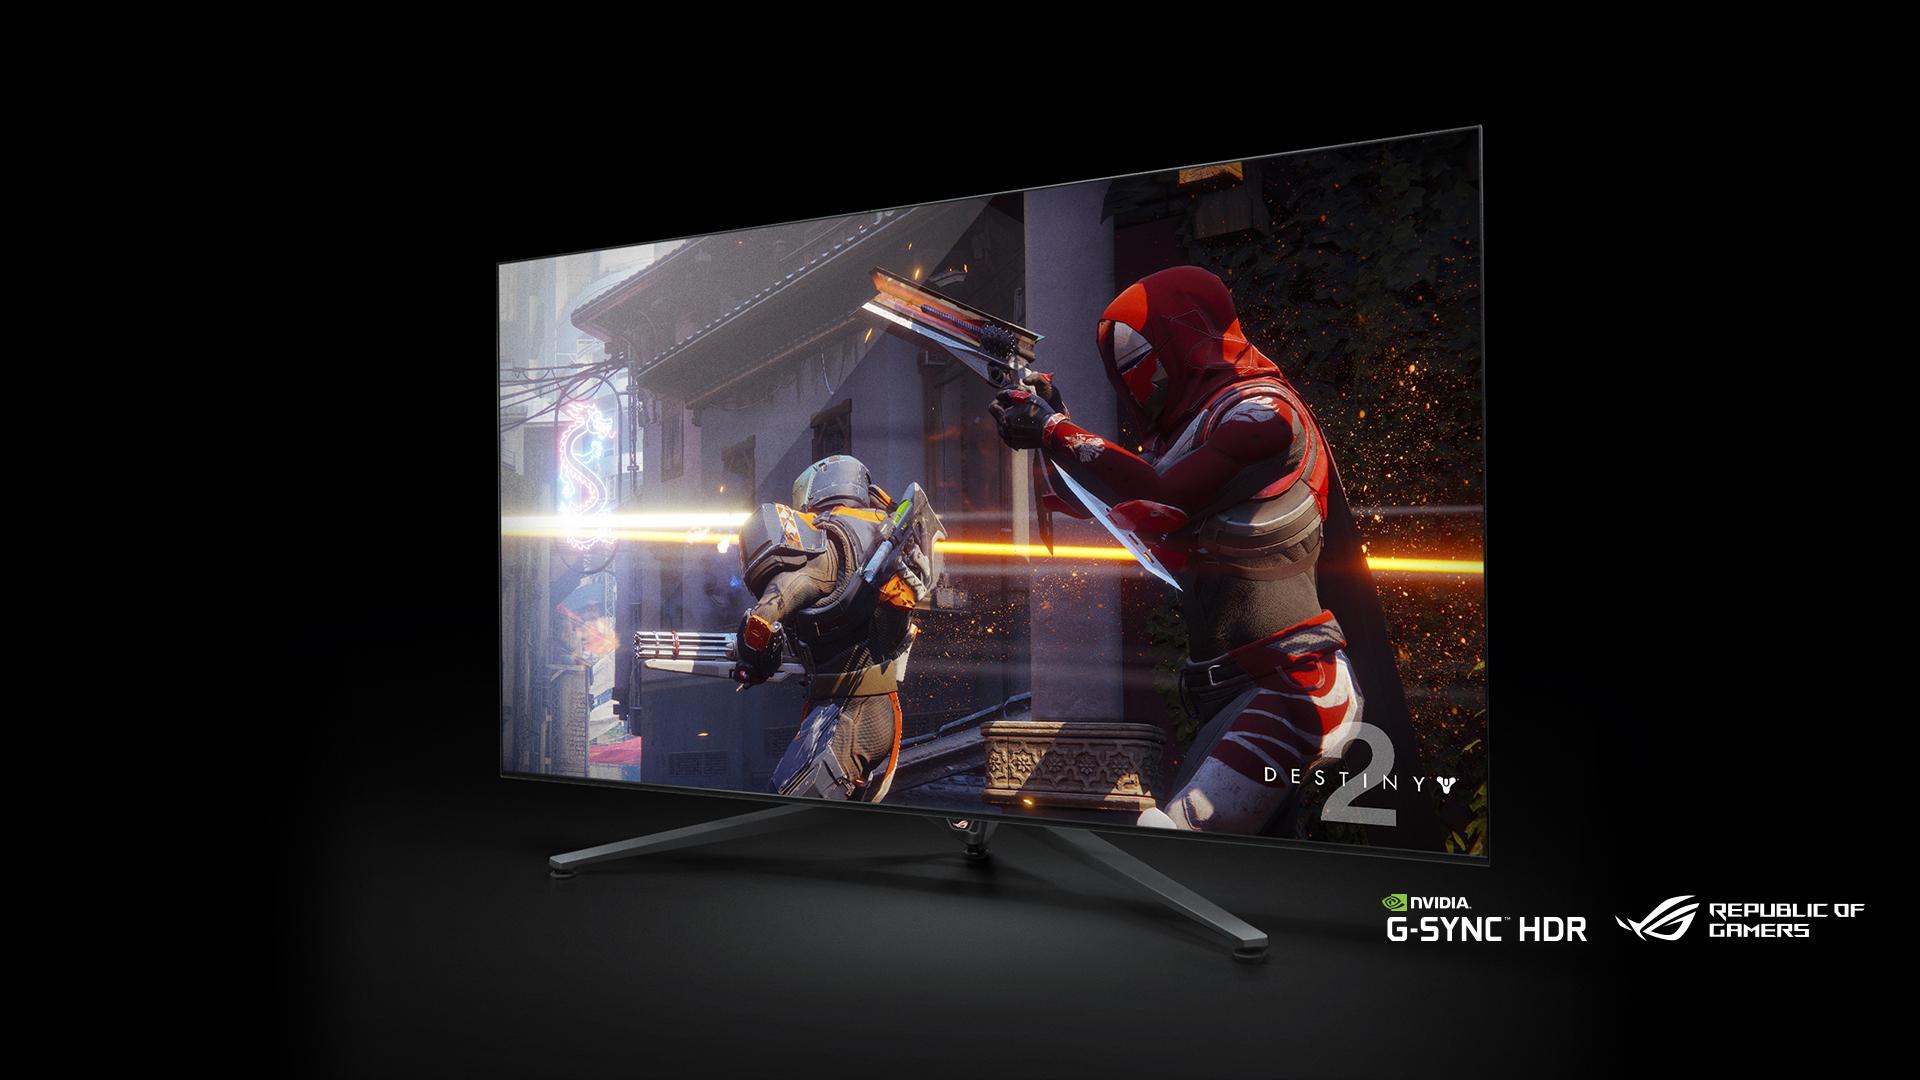 بزرگترین نمایشگر گیمینگ با پنل 65 اینچی توسط ایسوس معرفی شد